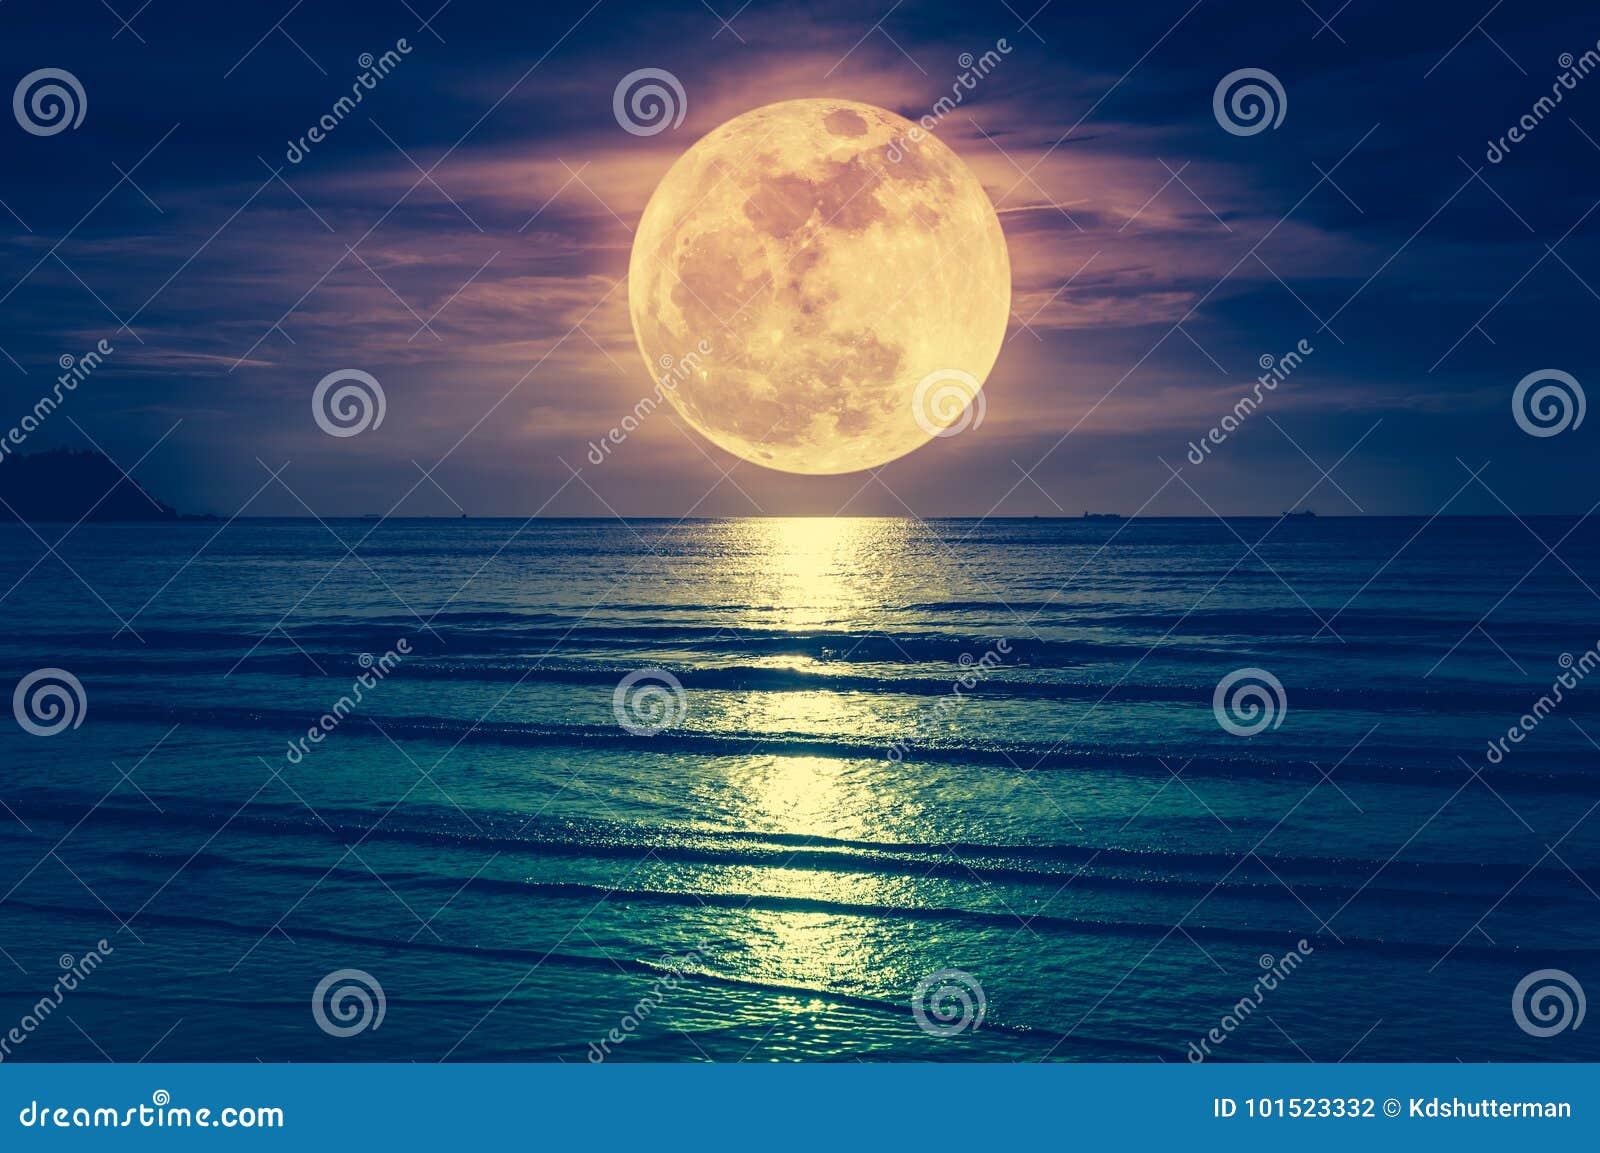 Lua super Céu colorido com nuvem e a Lua cheia brilhante sobre o SE